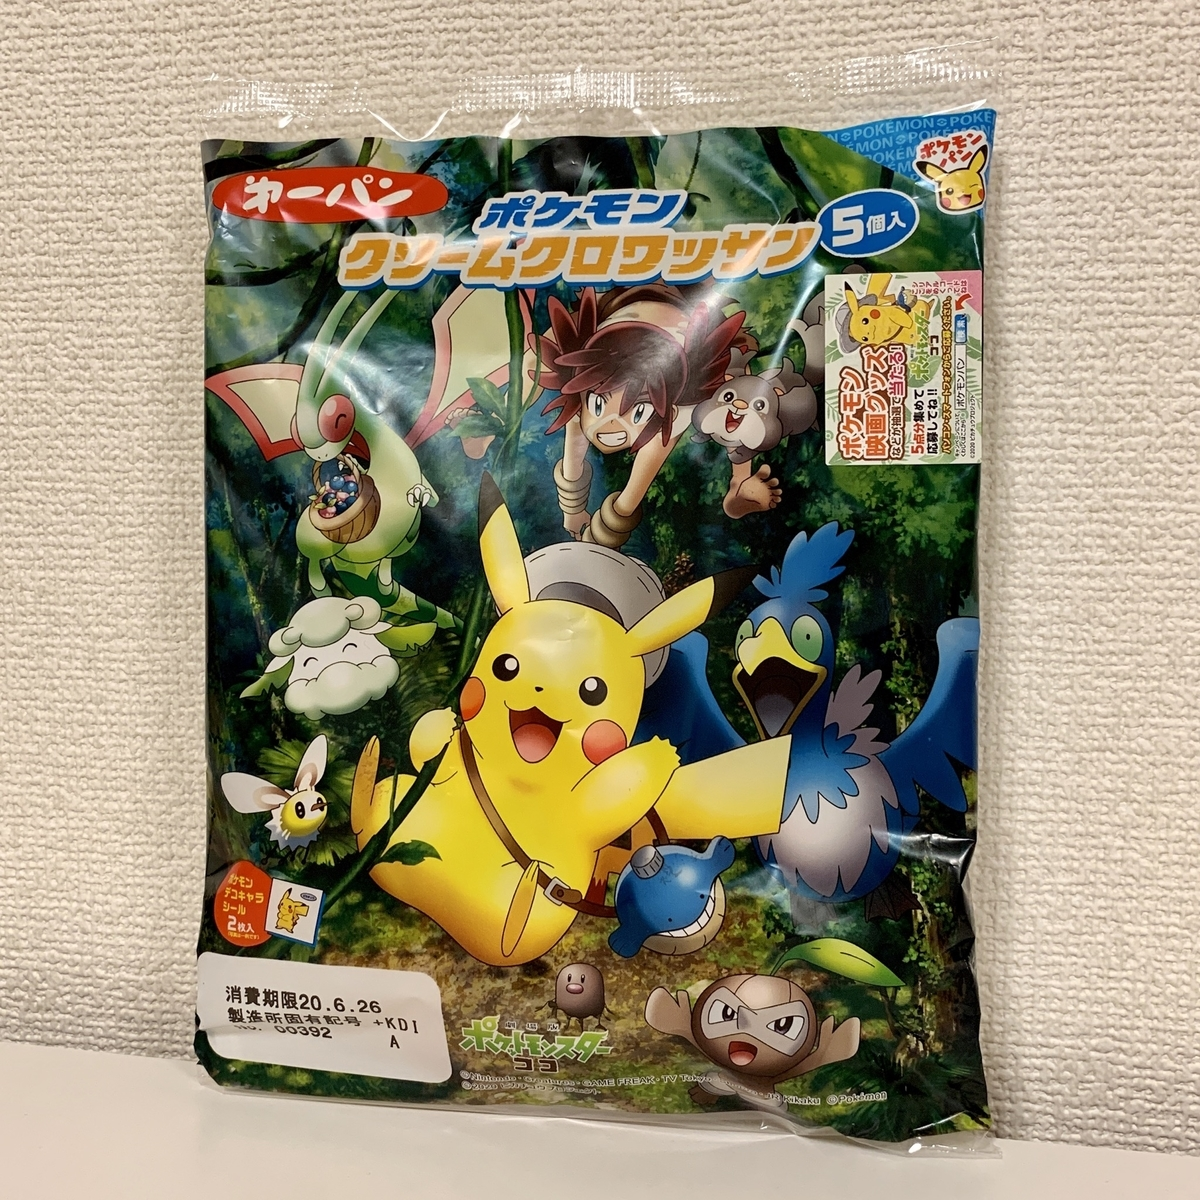 f:id:pikachu_pcn:20200624192418j:plain